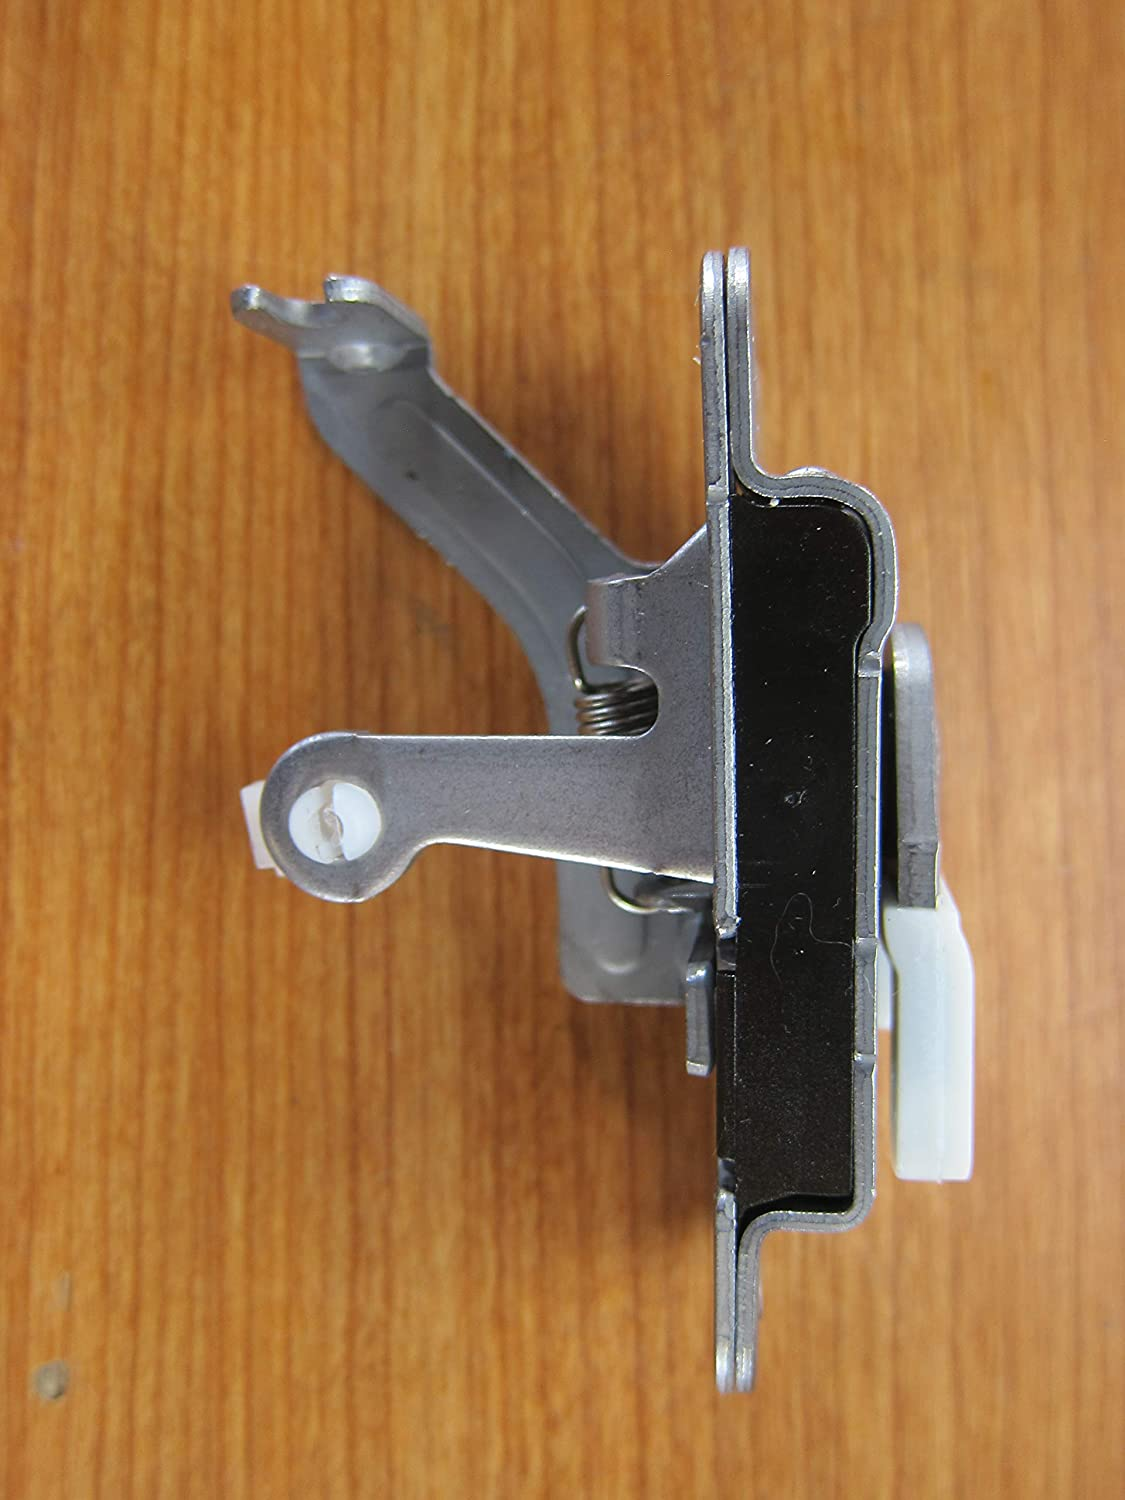 14-18 Ram Promaster Sliding Door Secondary Hook Catch Factory Mopar New Oem